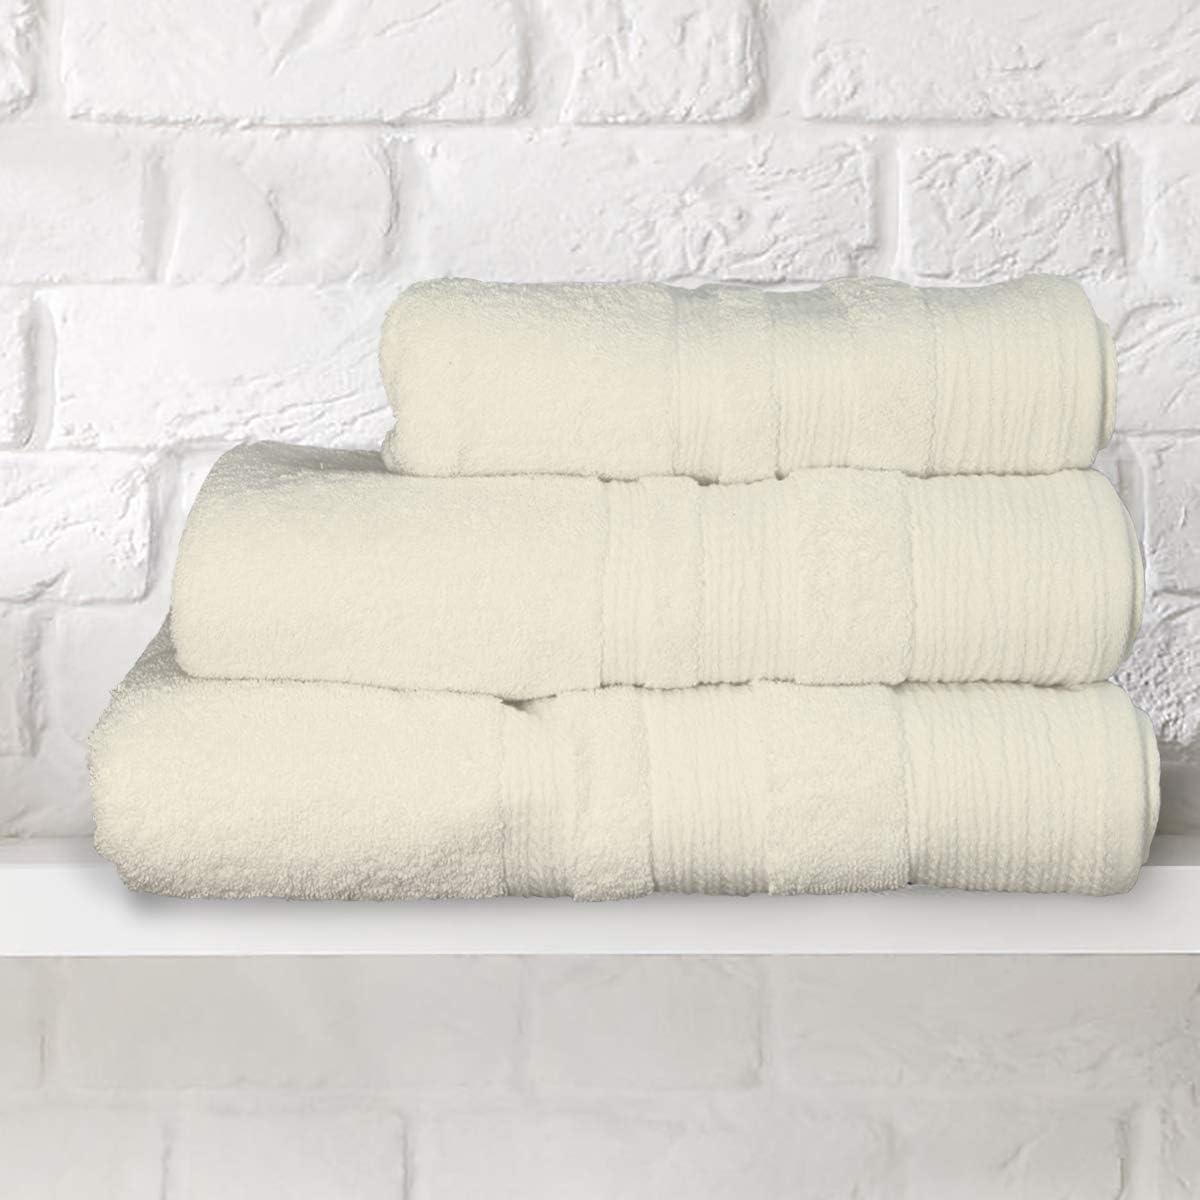 Toallas suaves de lujo – 700 g/m² – 100% algodón egipcio, crudo ...